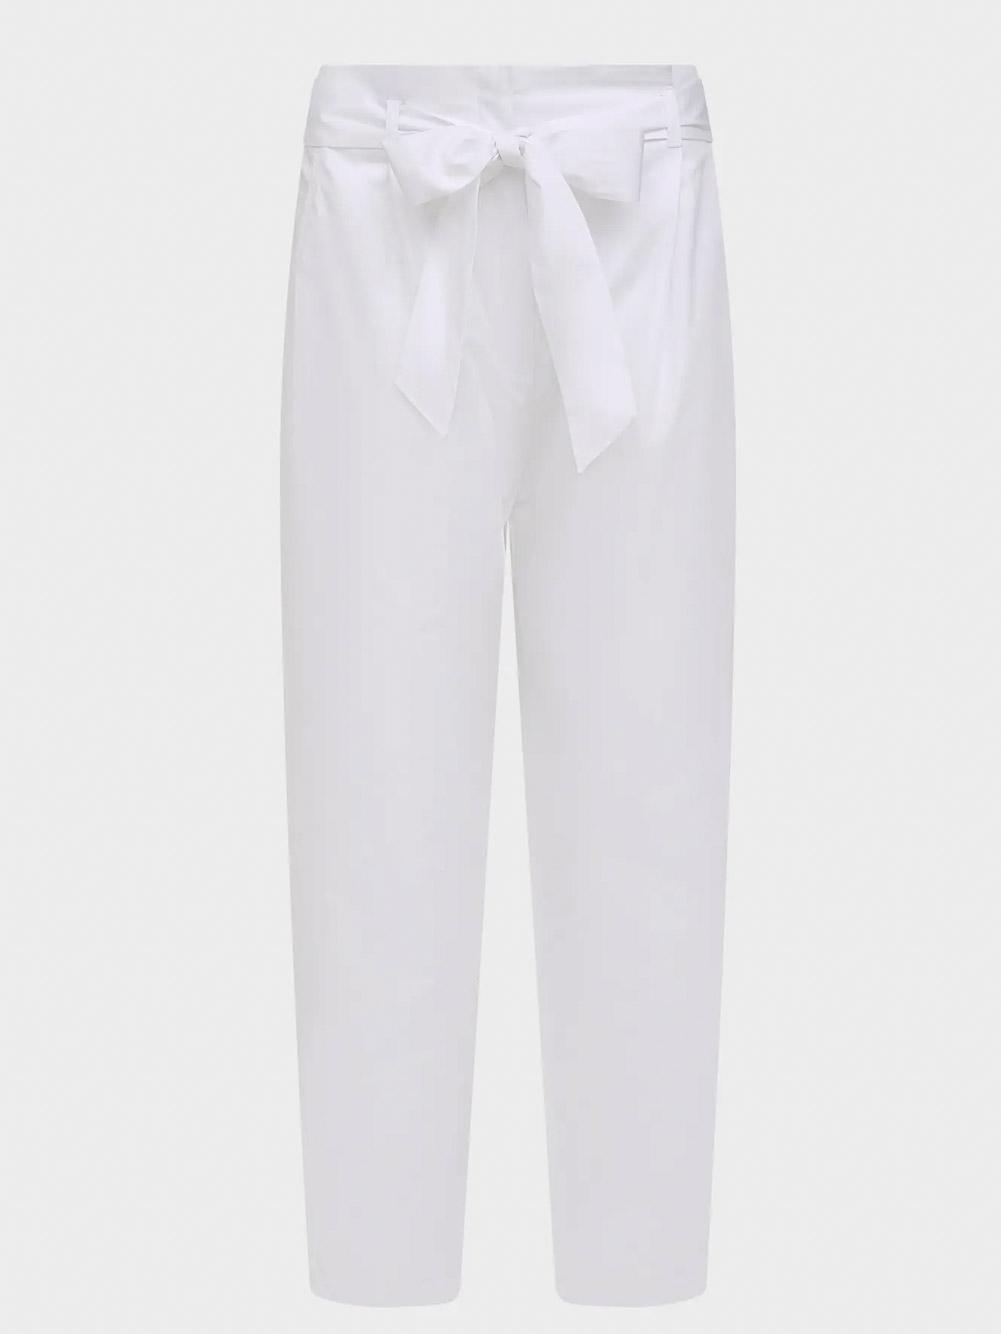 Παντελόνι SAVOIA 51311714 OPTICAL WHITE